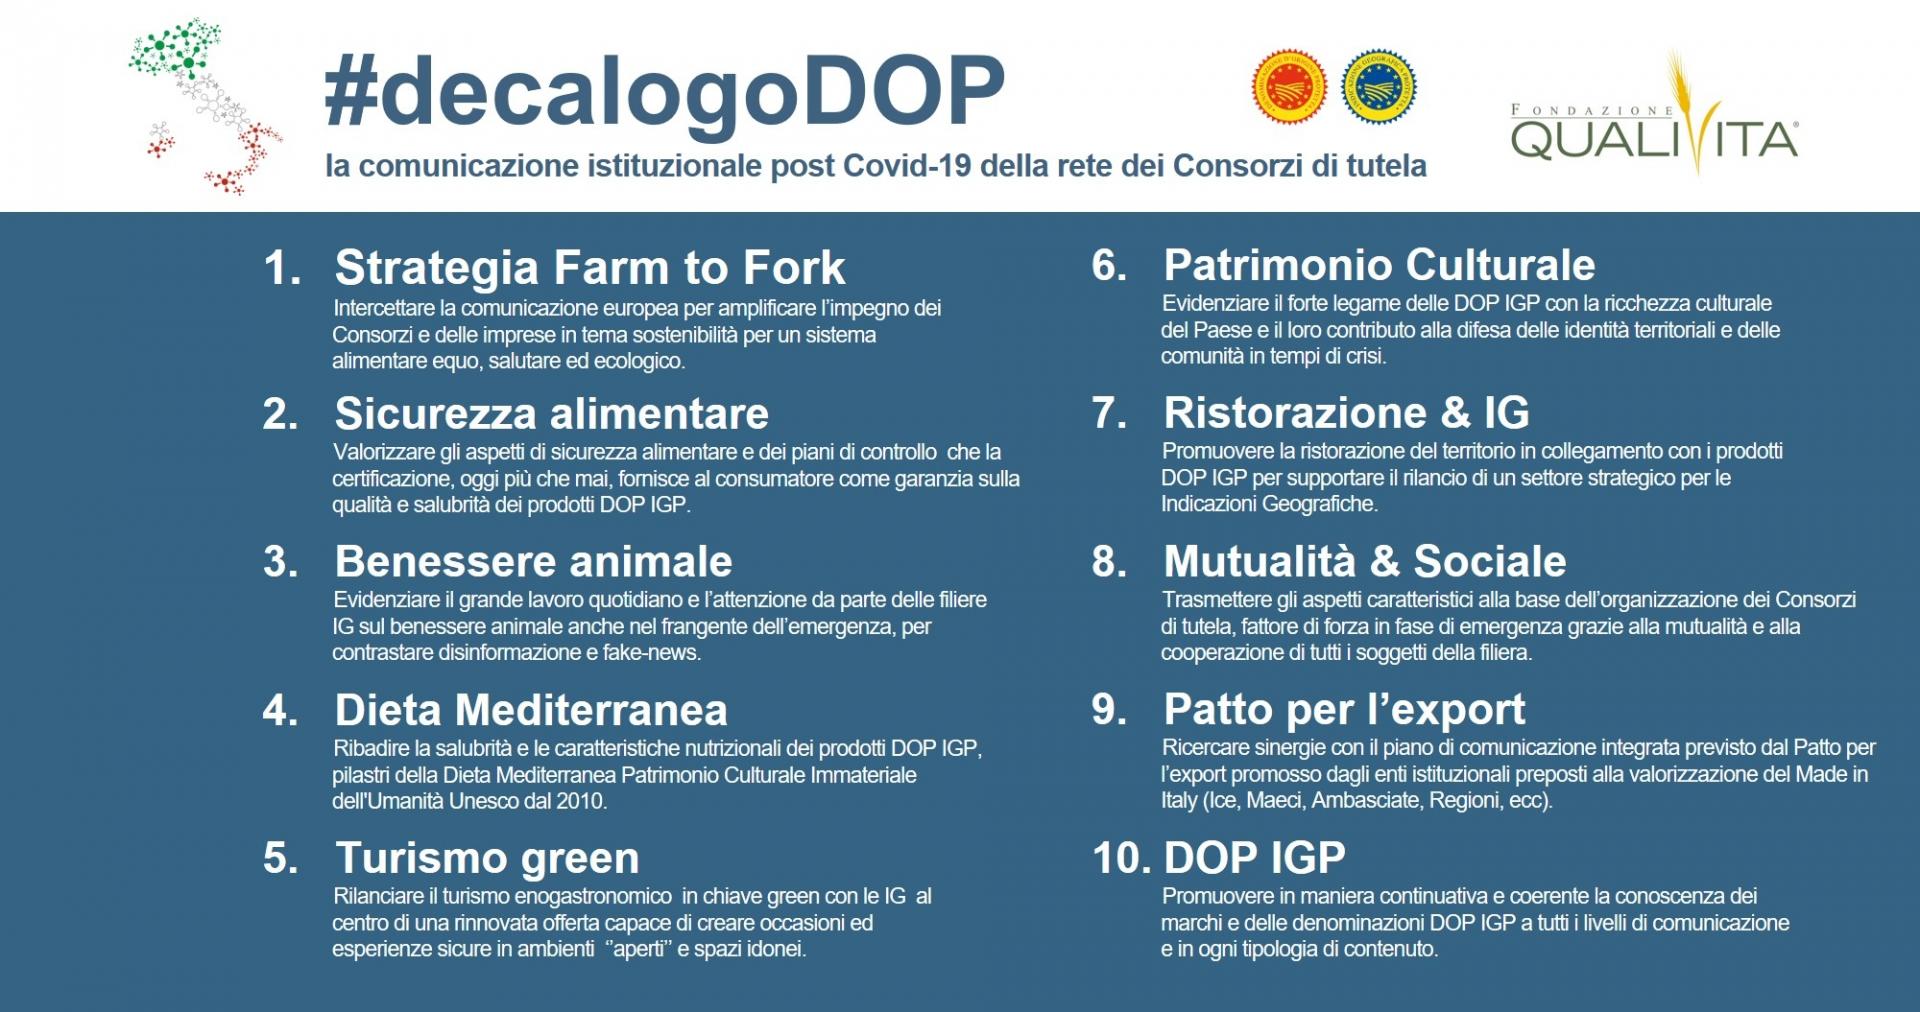 La Fondazione Qualivita propone il decalogo Dop